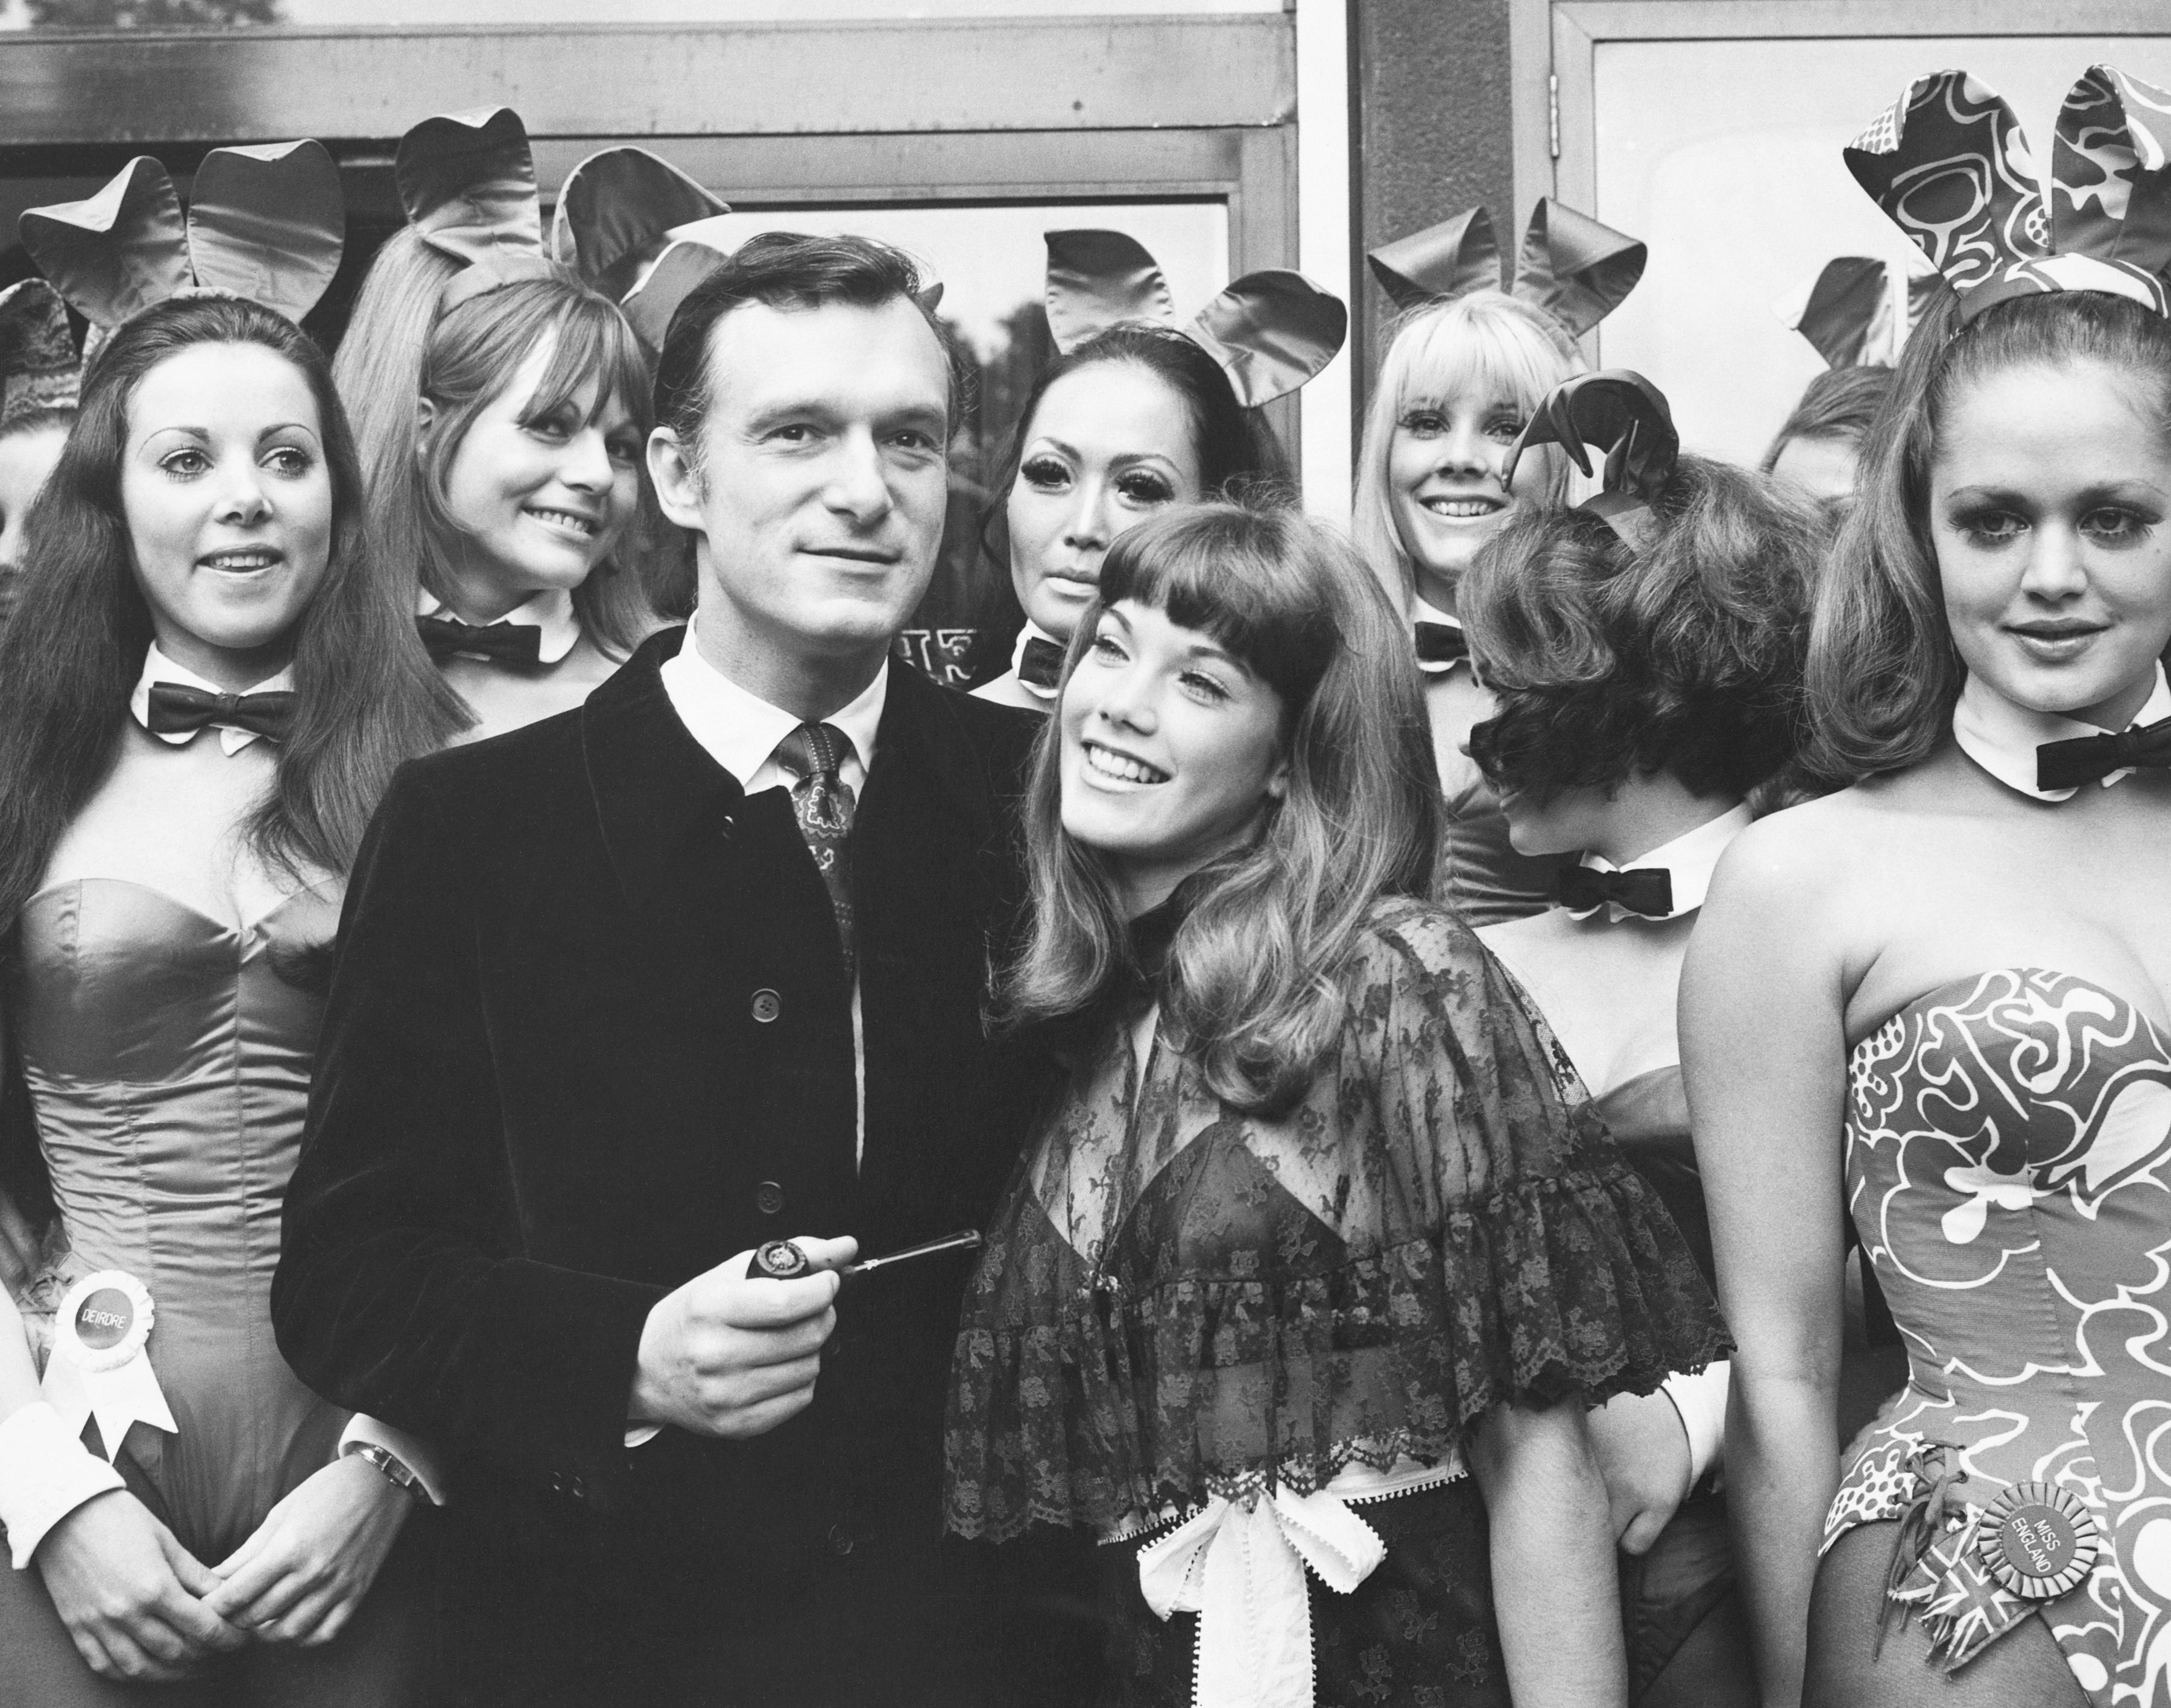 Hugh Hefner and Bunnies